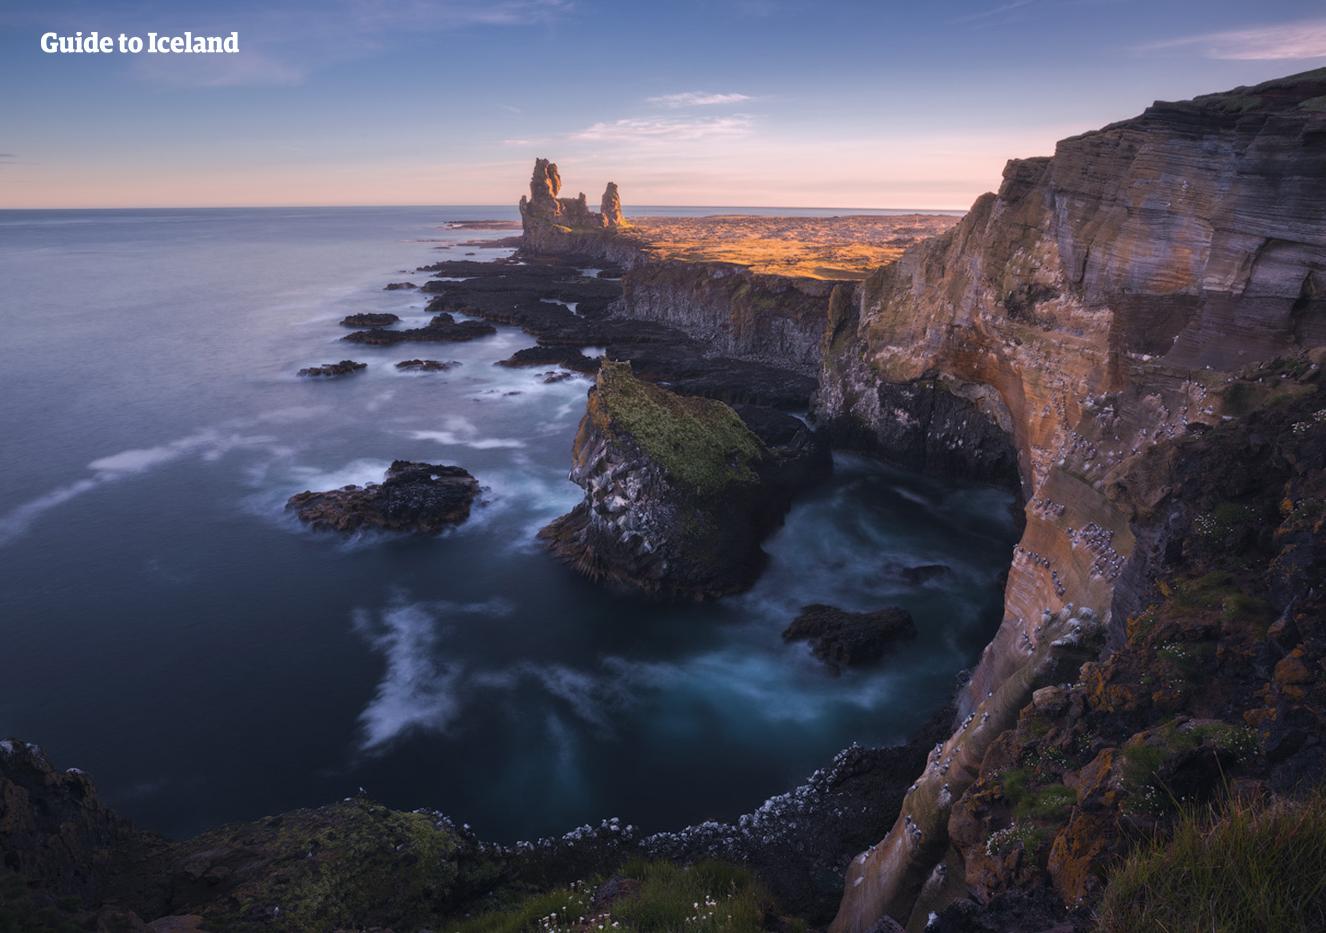 斯奈山半岛浪漫温柔,虽然名气不大,却藏着很多惊喜和美妙的景色